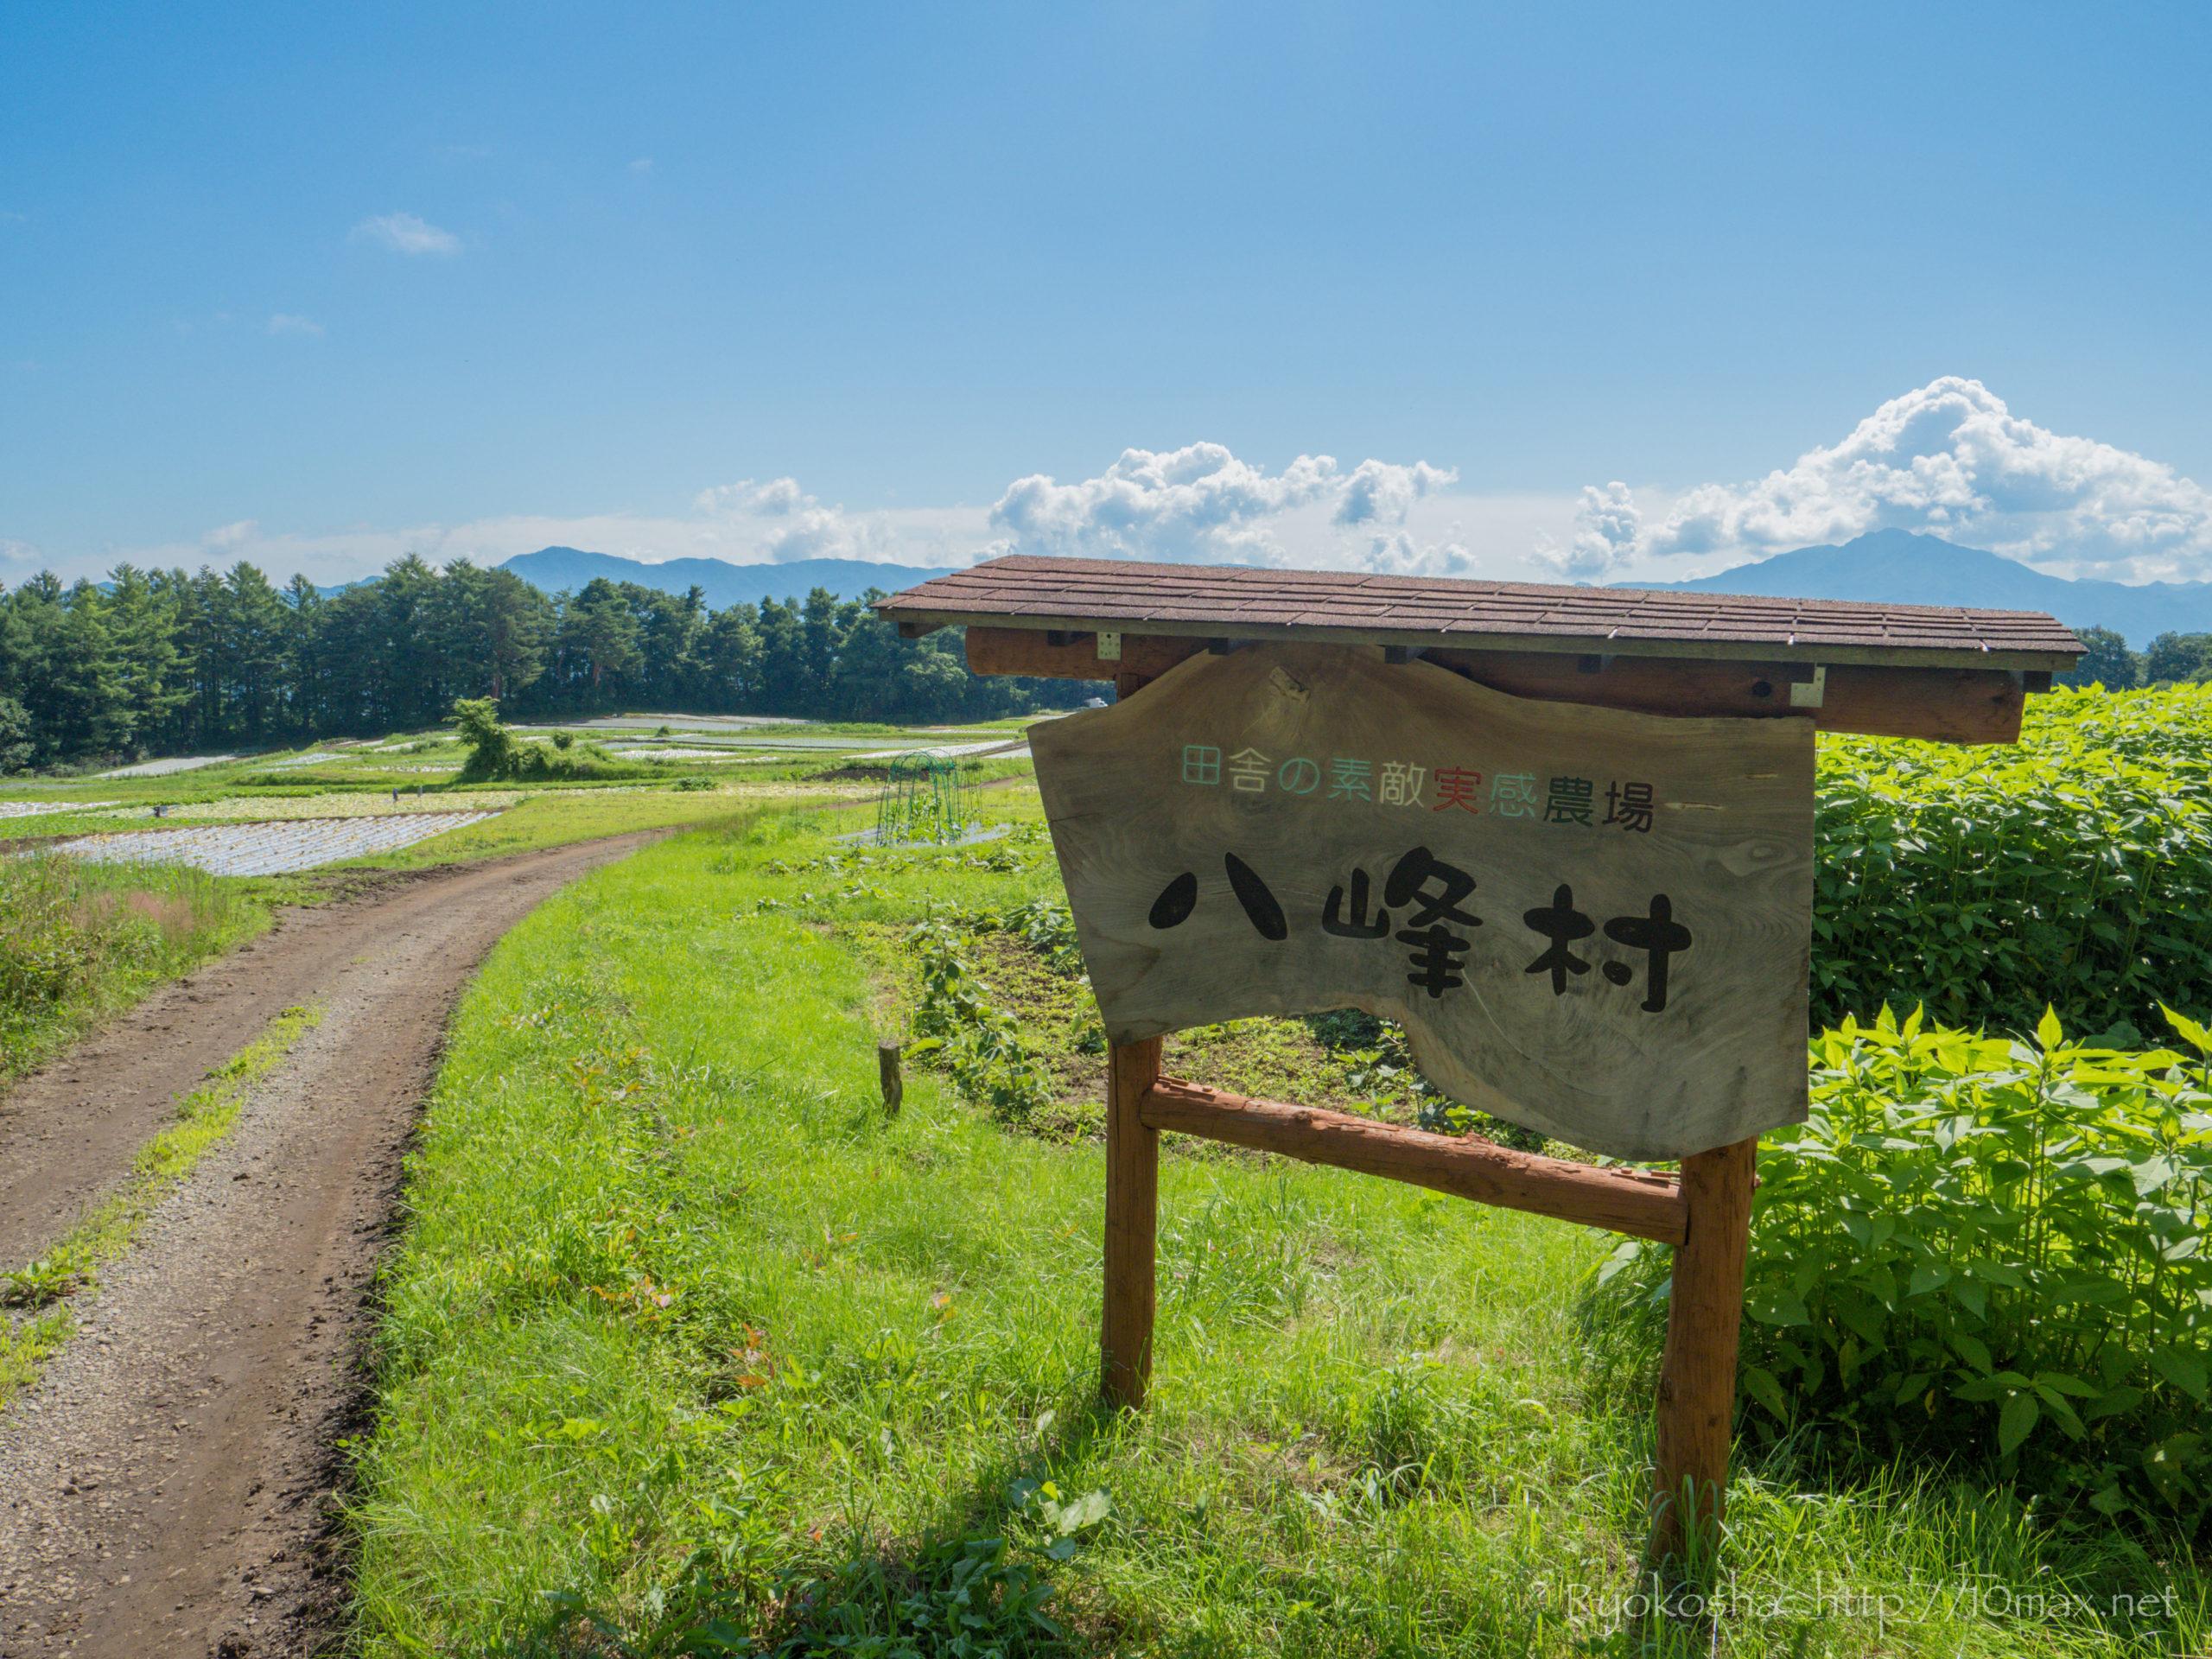 長野県 松原湖高原オートキャンプ場 コテージ バンガロー キャンプ場 まとめ